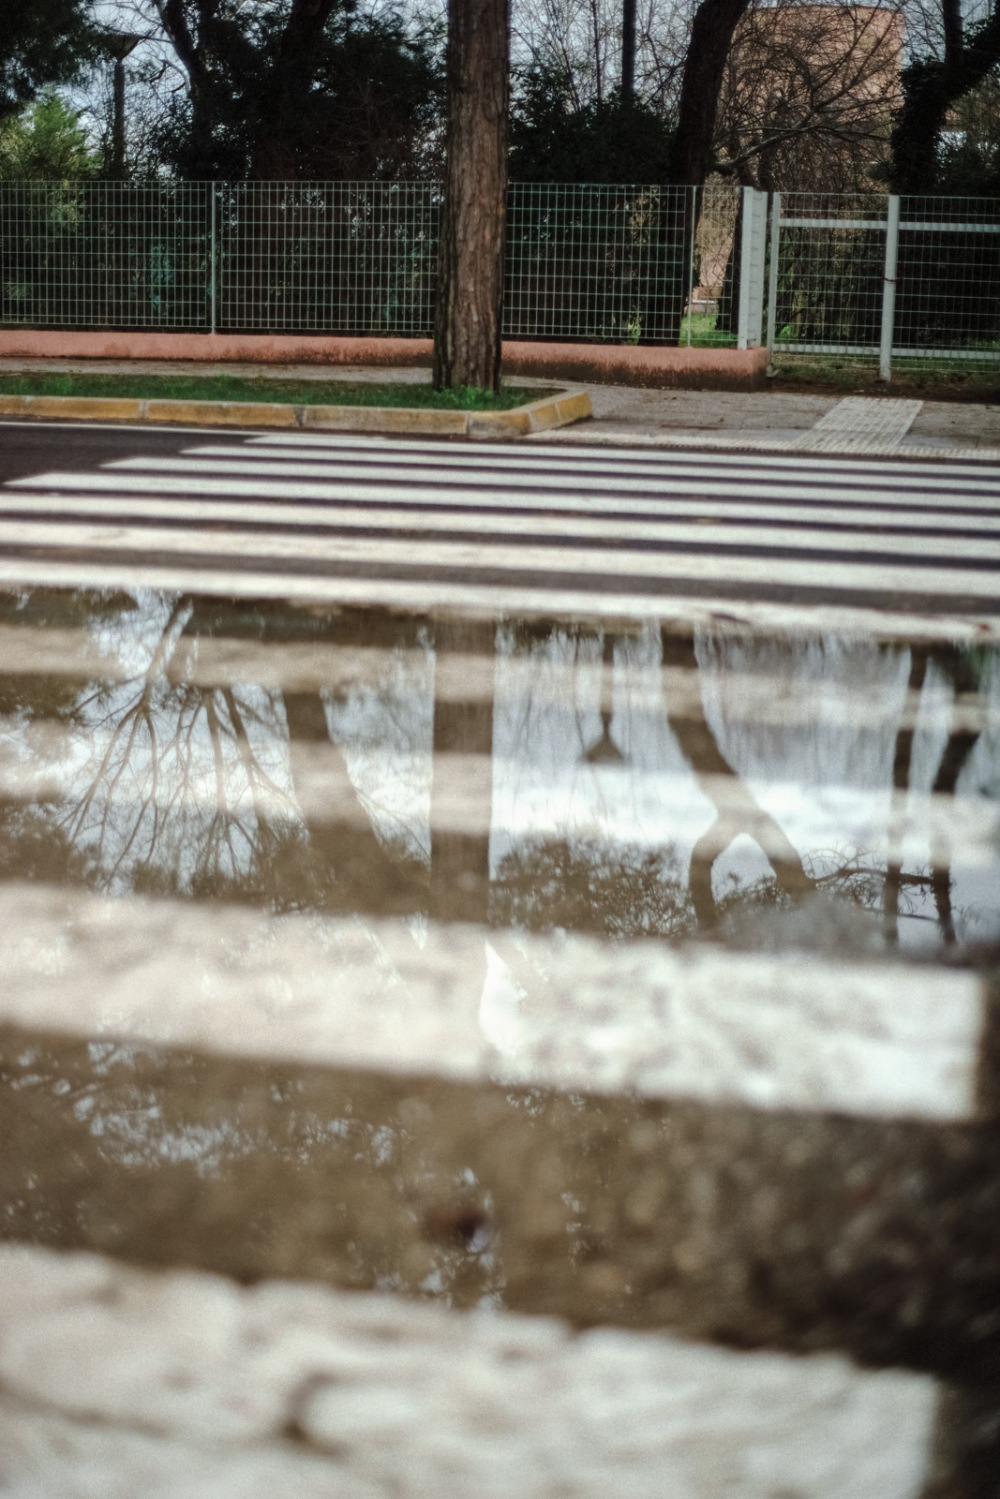 reflecting zebra